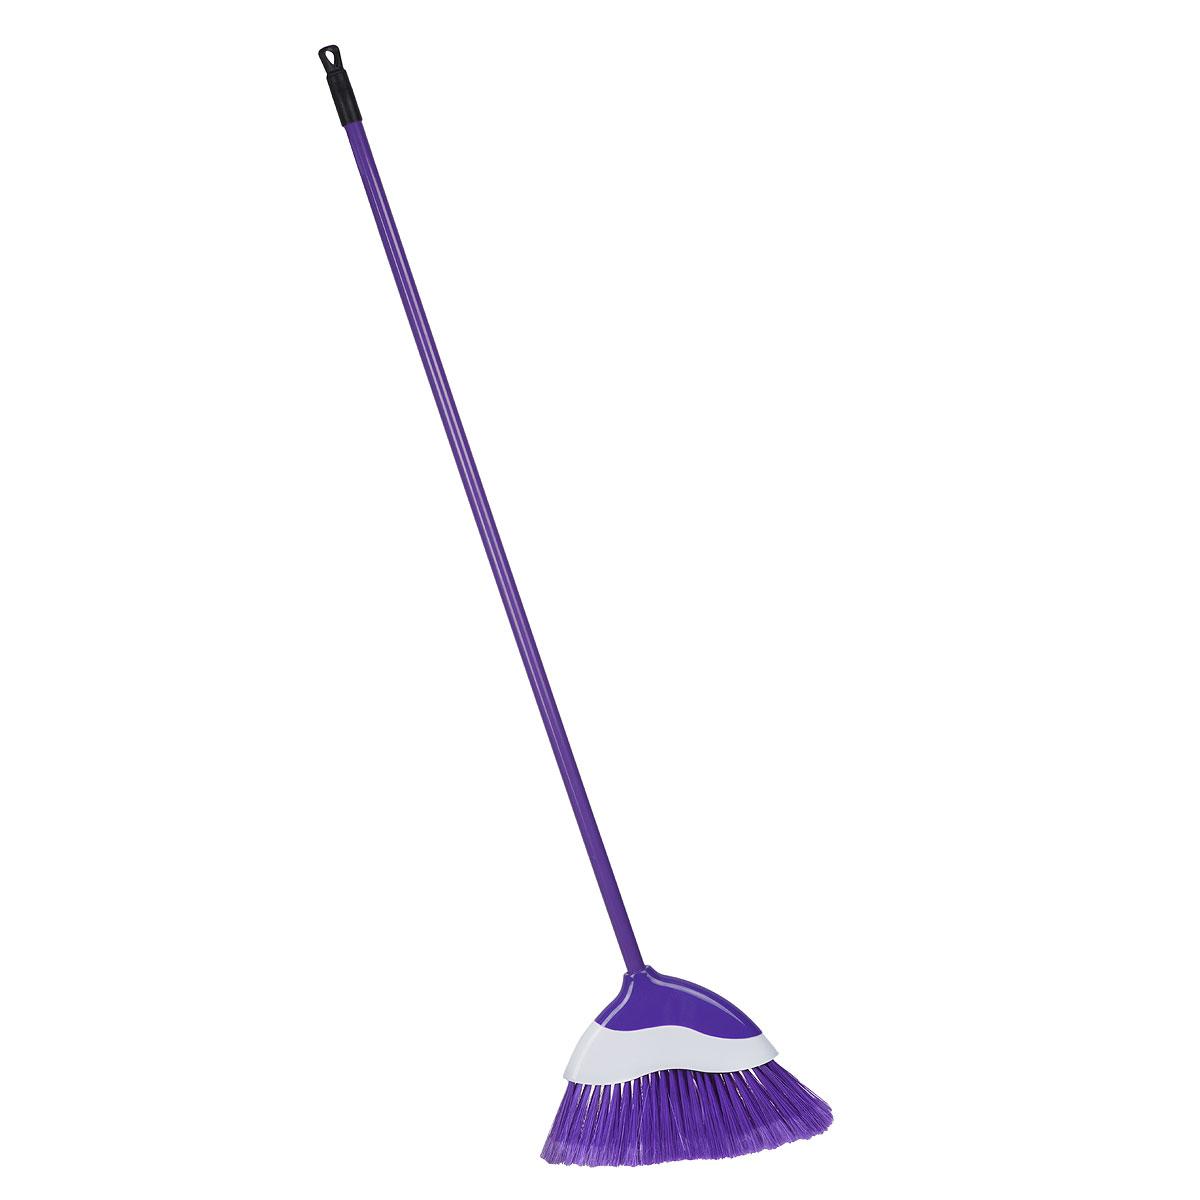 Еврошвабра Home Queen с фигурной насадкой, со съемной ручкой, цвет: фиолетовый57258Еврошвабра Home Queen, выполненная из металла и полипропилена, идеально подходит для подметания всех типов напольных поверхностей благодаря длинной пластичной щетине. Изделие имеет фигурную съемную насадку с волнистыми краями. С шваброй Home Queen ваш дом будет сиять чистотой! Длина ручки: 108 см. Размер насадки: 34 см х 4 см х 22,5 см. Длина ворса: 10 см.